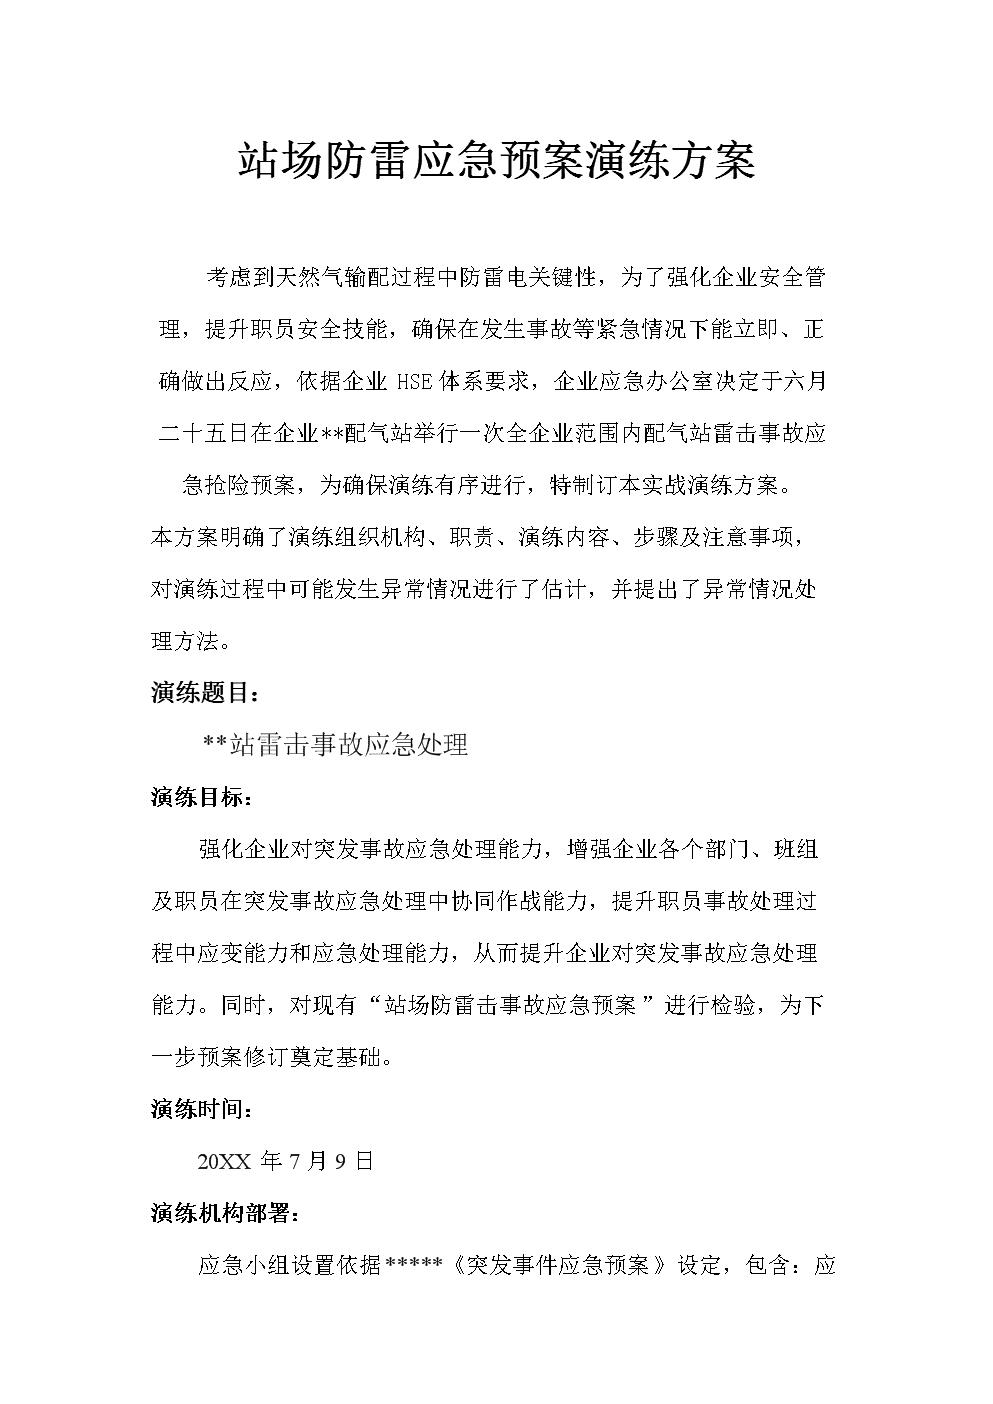 防雷应急专项预案演练专项方案.doc